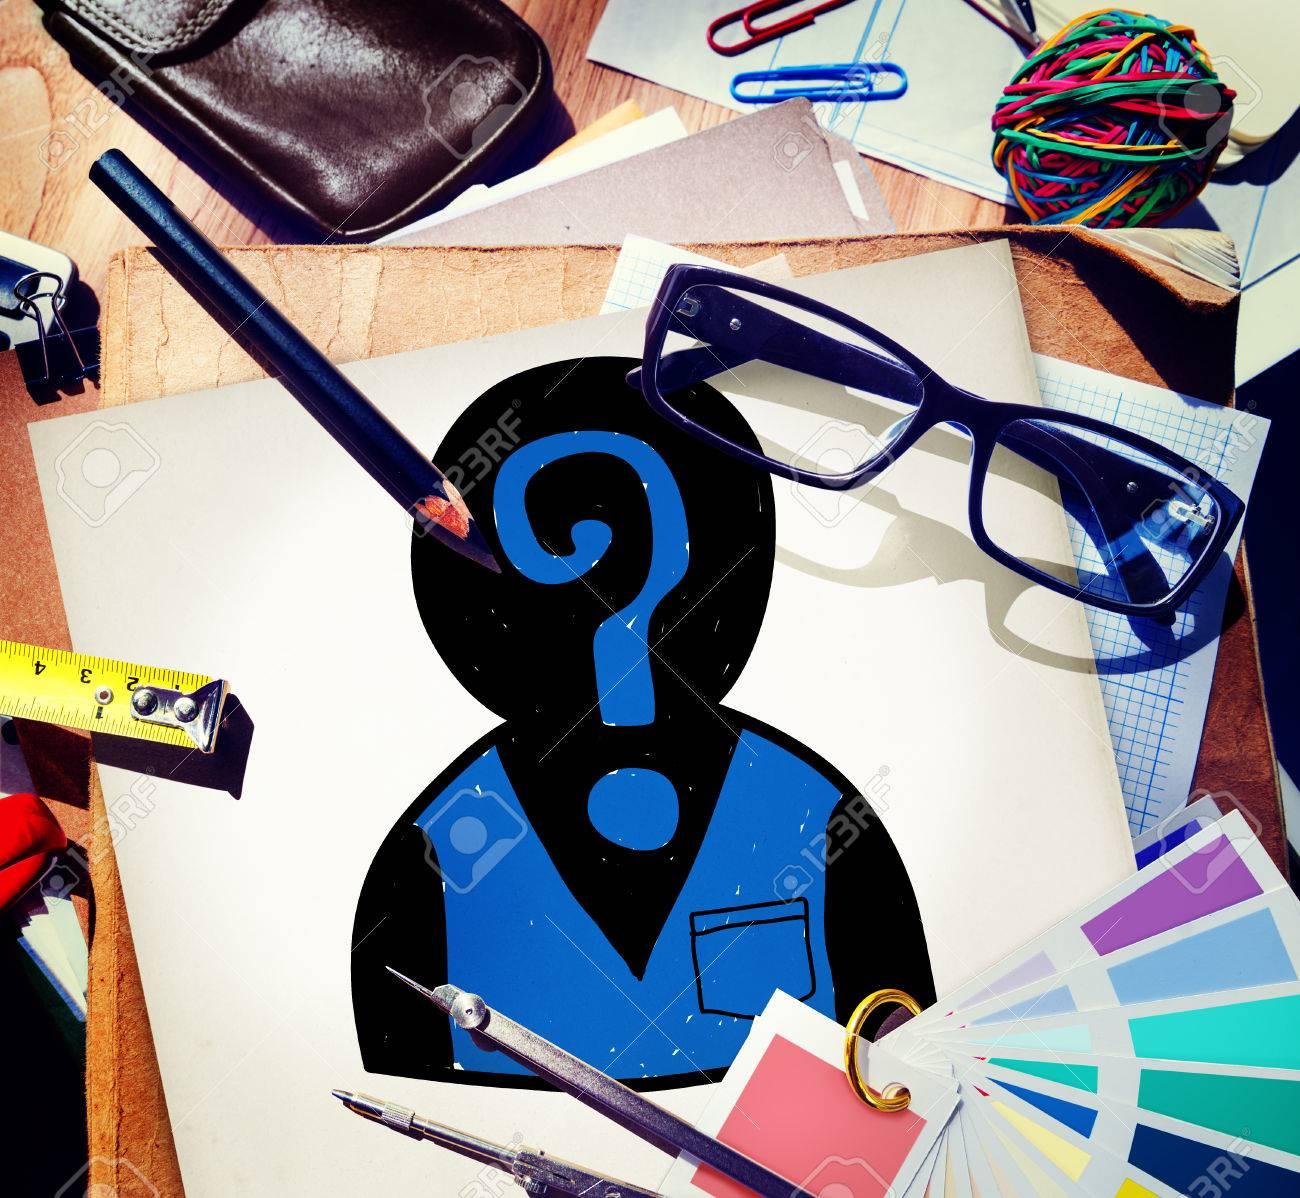 assessment employment recruitment hiring searching concept stock assessment employment recruitment hiring searching concept stock photo 49843818